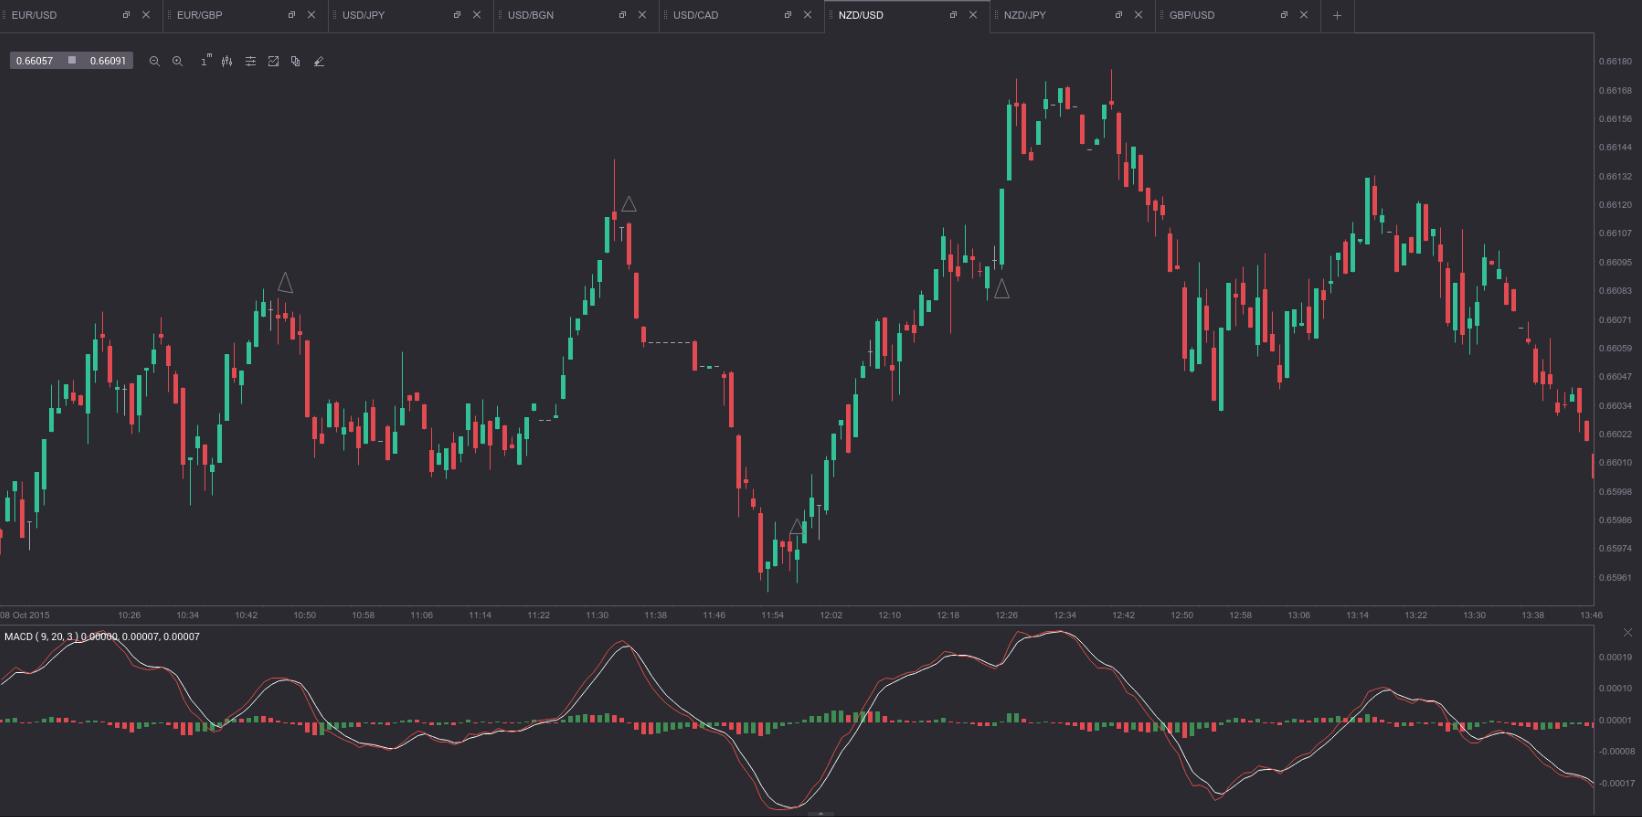 Deschidere cu opțiuni binare - tranzacționare pentru a deschide piața | Stock Trend System